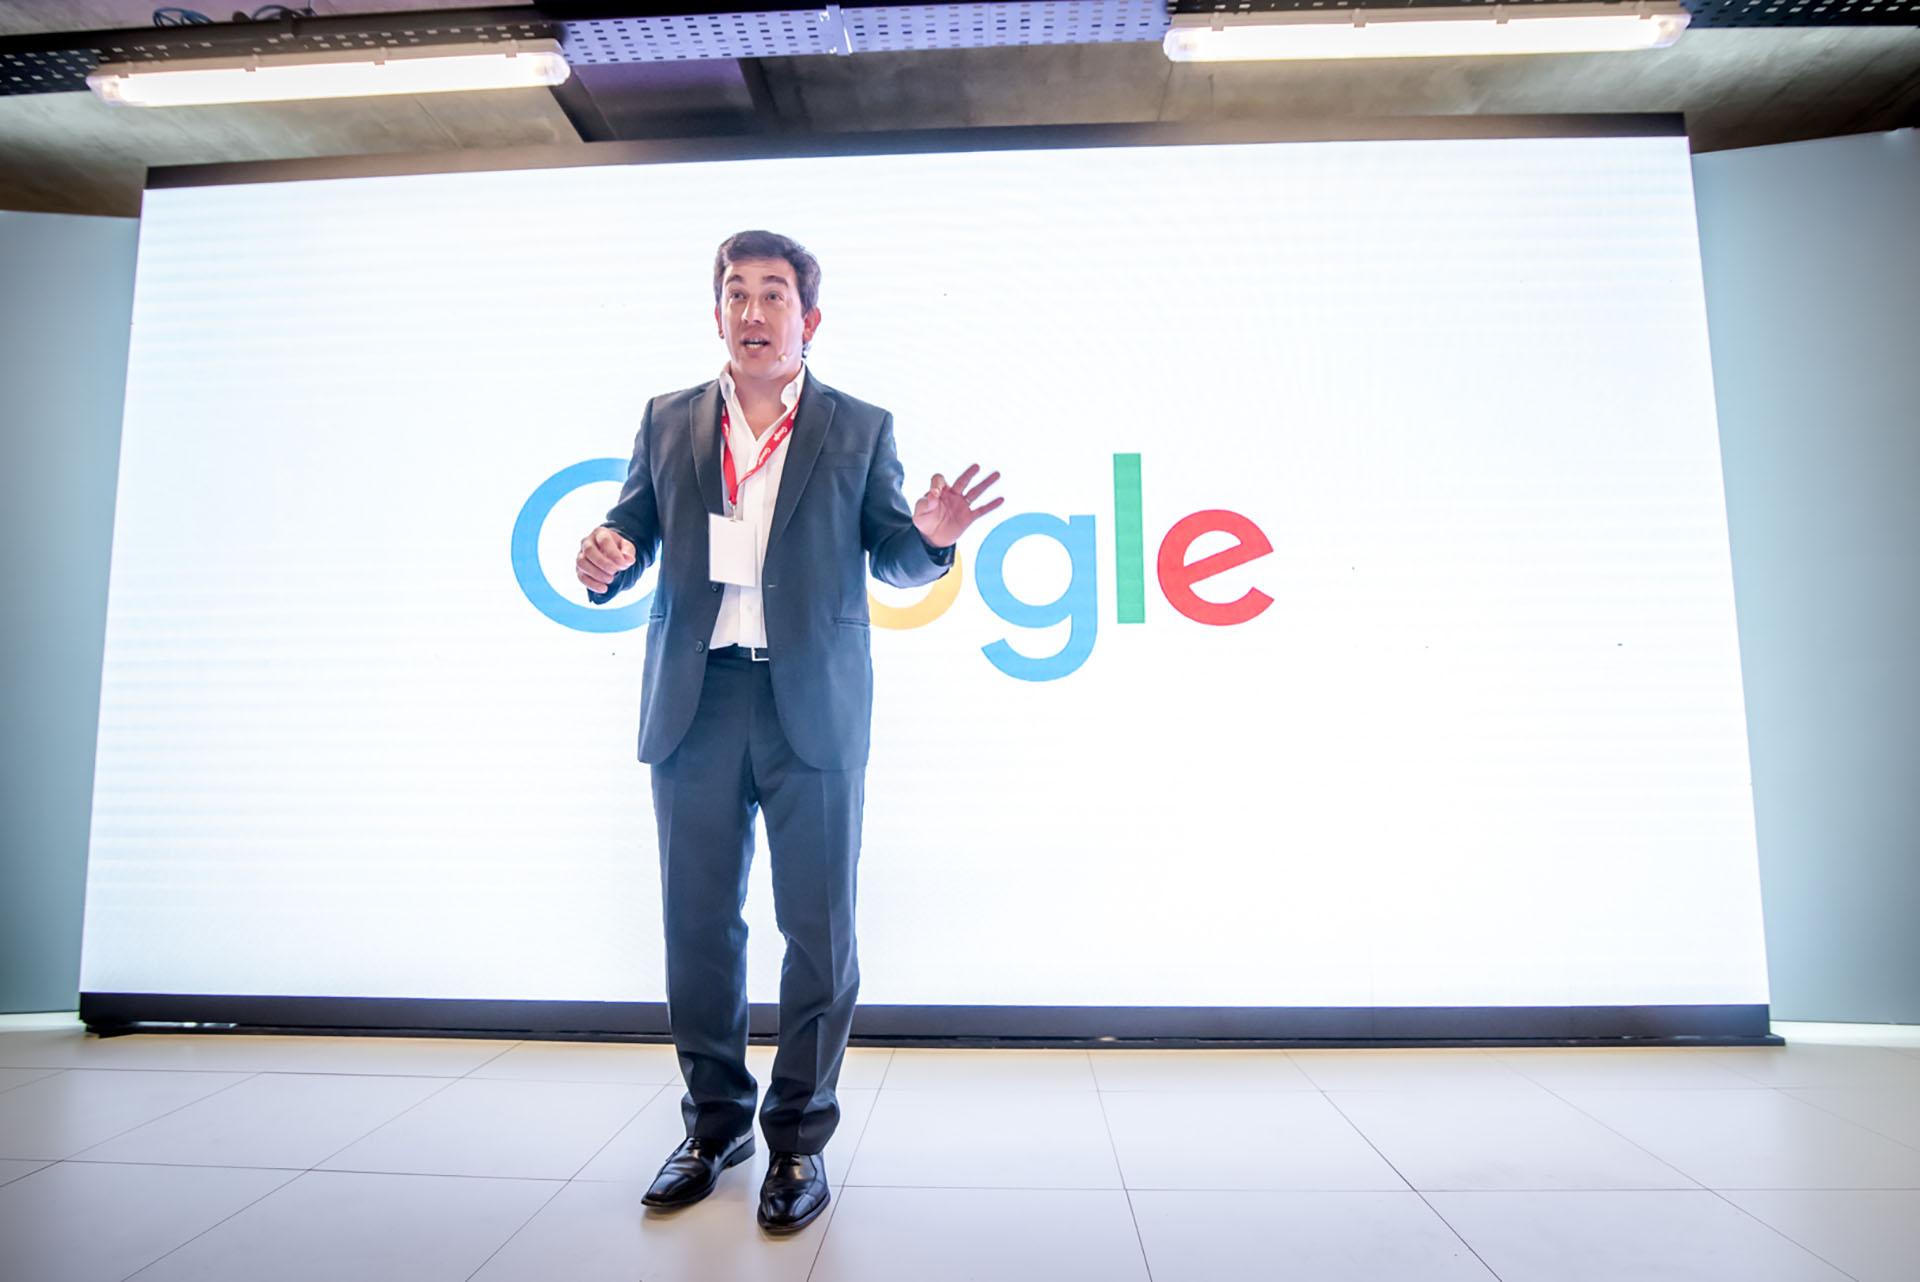 Federico Procaccini, director general de Google Argentina, en el evento que se hizo por los 10 años de la compañía en Argentina.